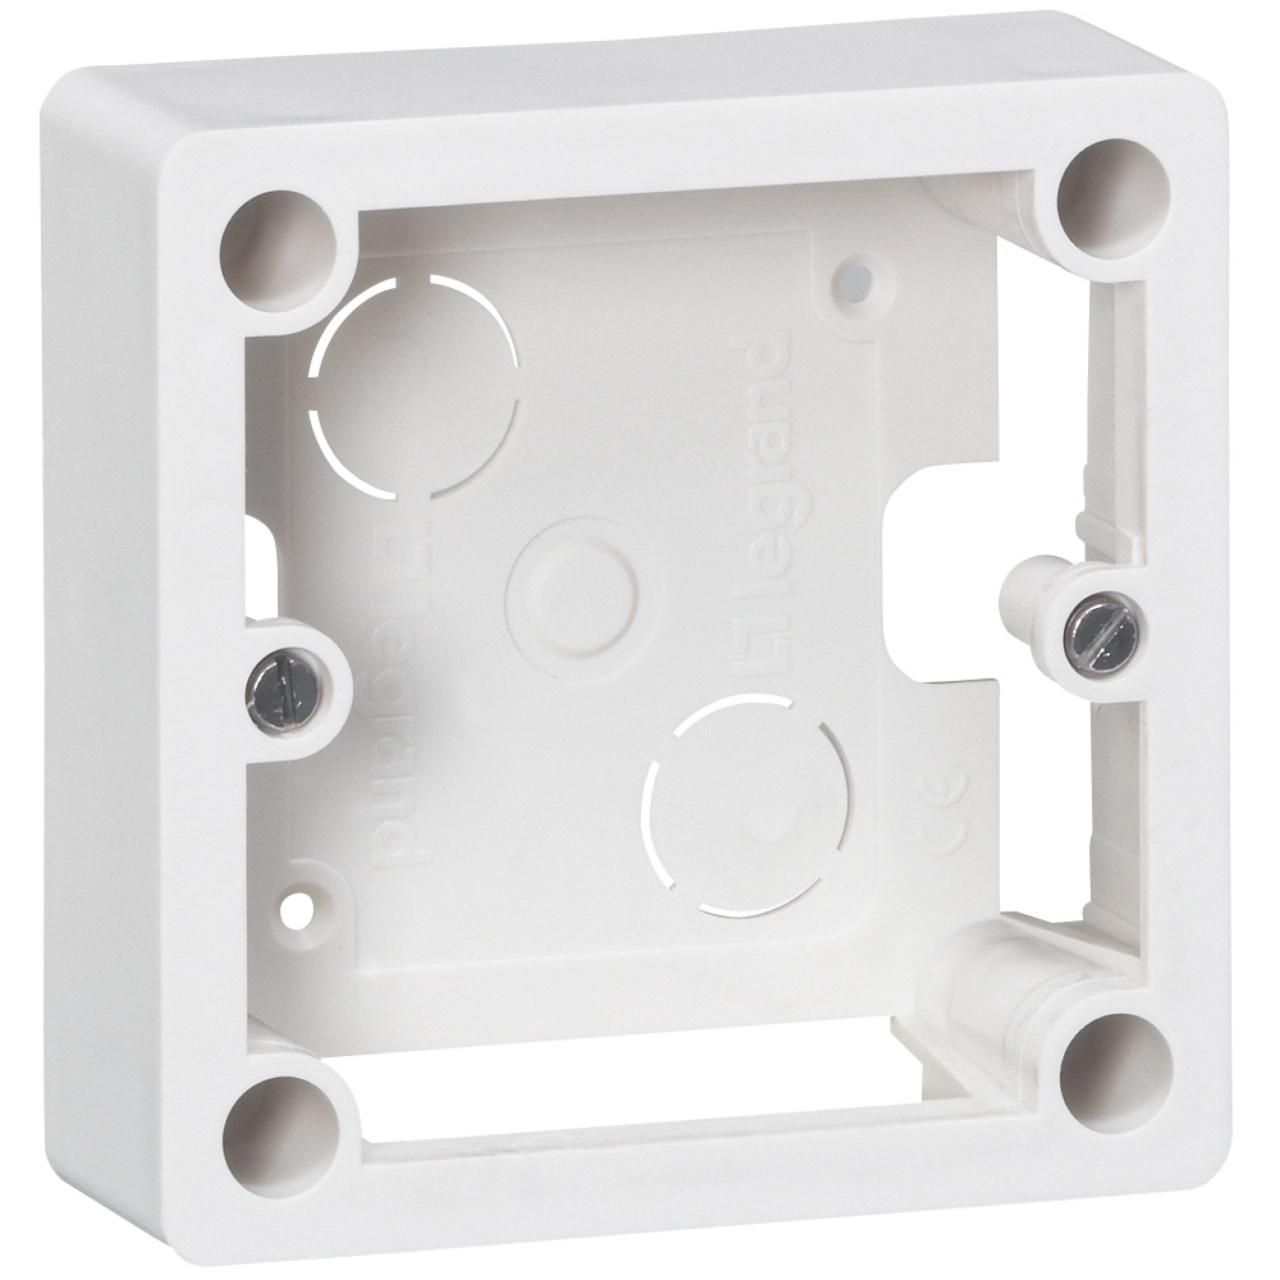 cadre saillie pour prises 20a et 32a et sortie de cable 7. Black Bedroom Furniture Sets. Home Design Ideas